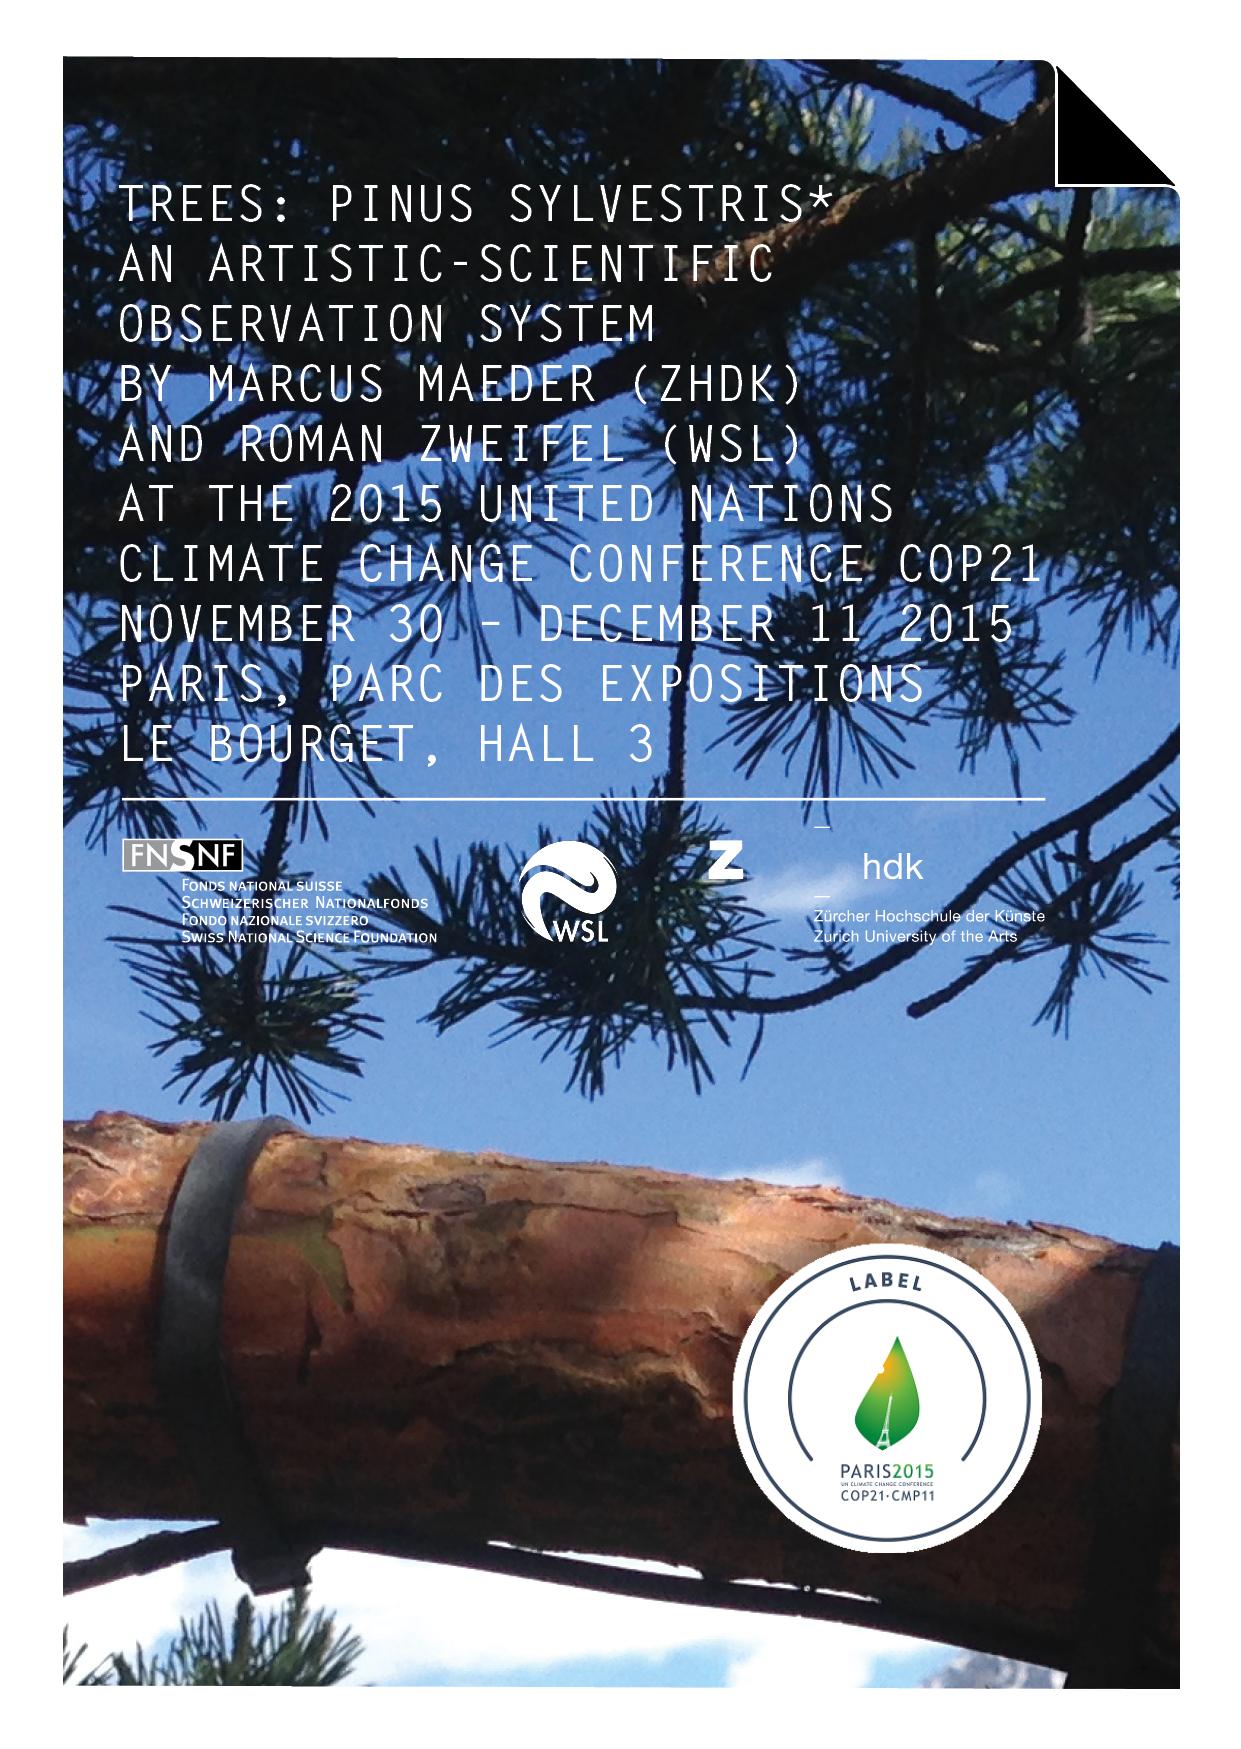 flyer_trees_cop21